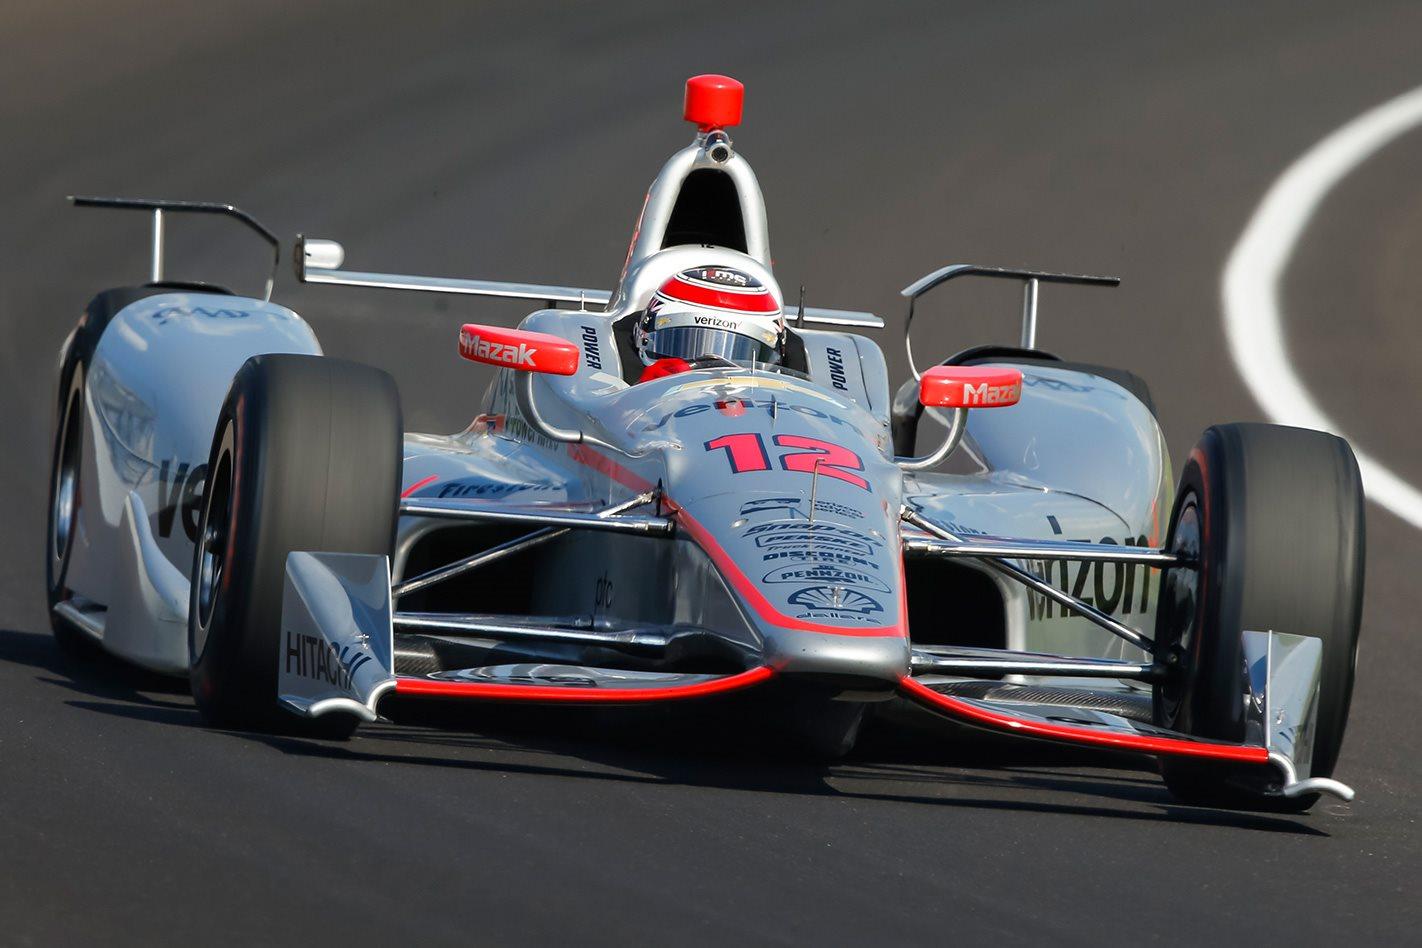 DJR Team Penske Verizon Indycar